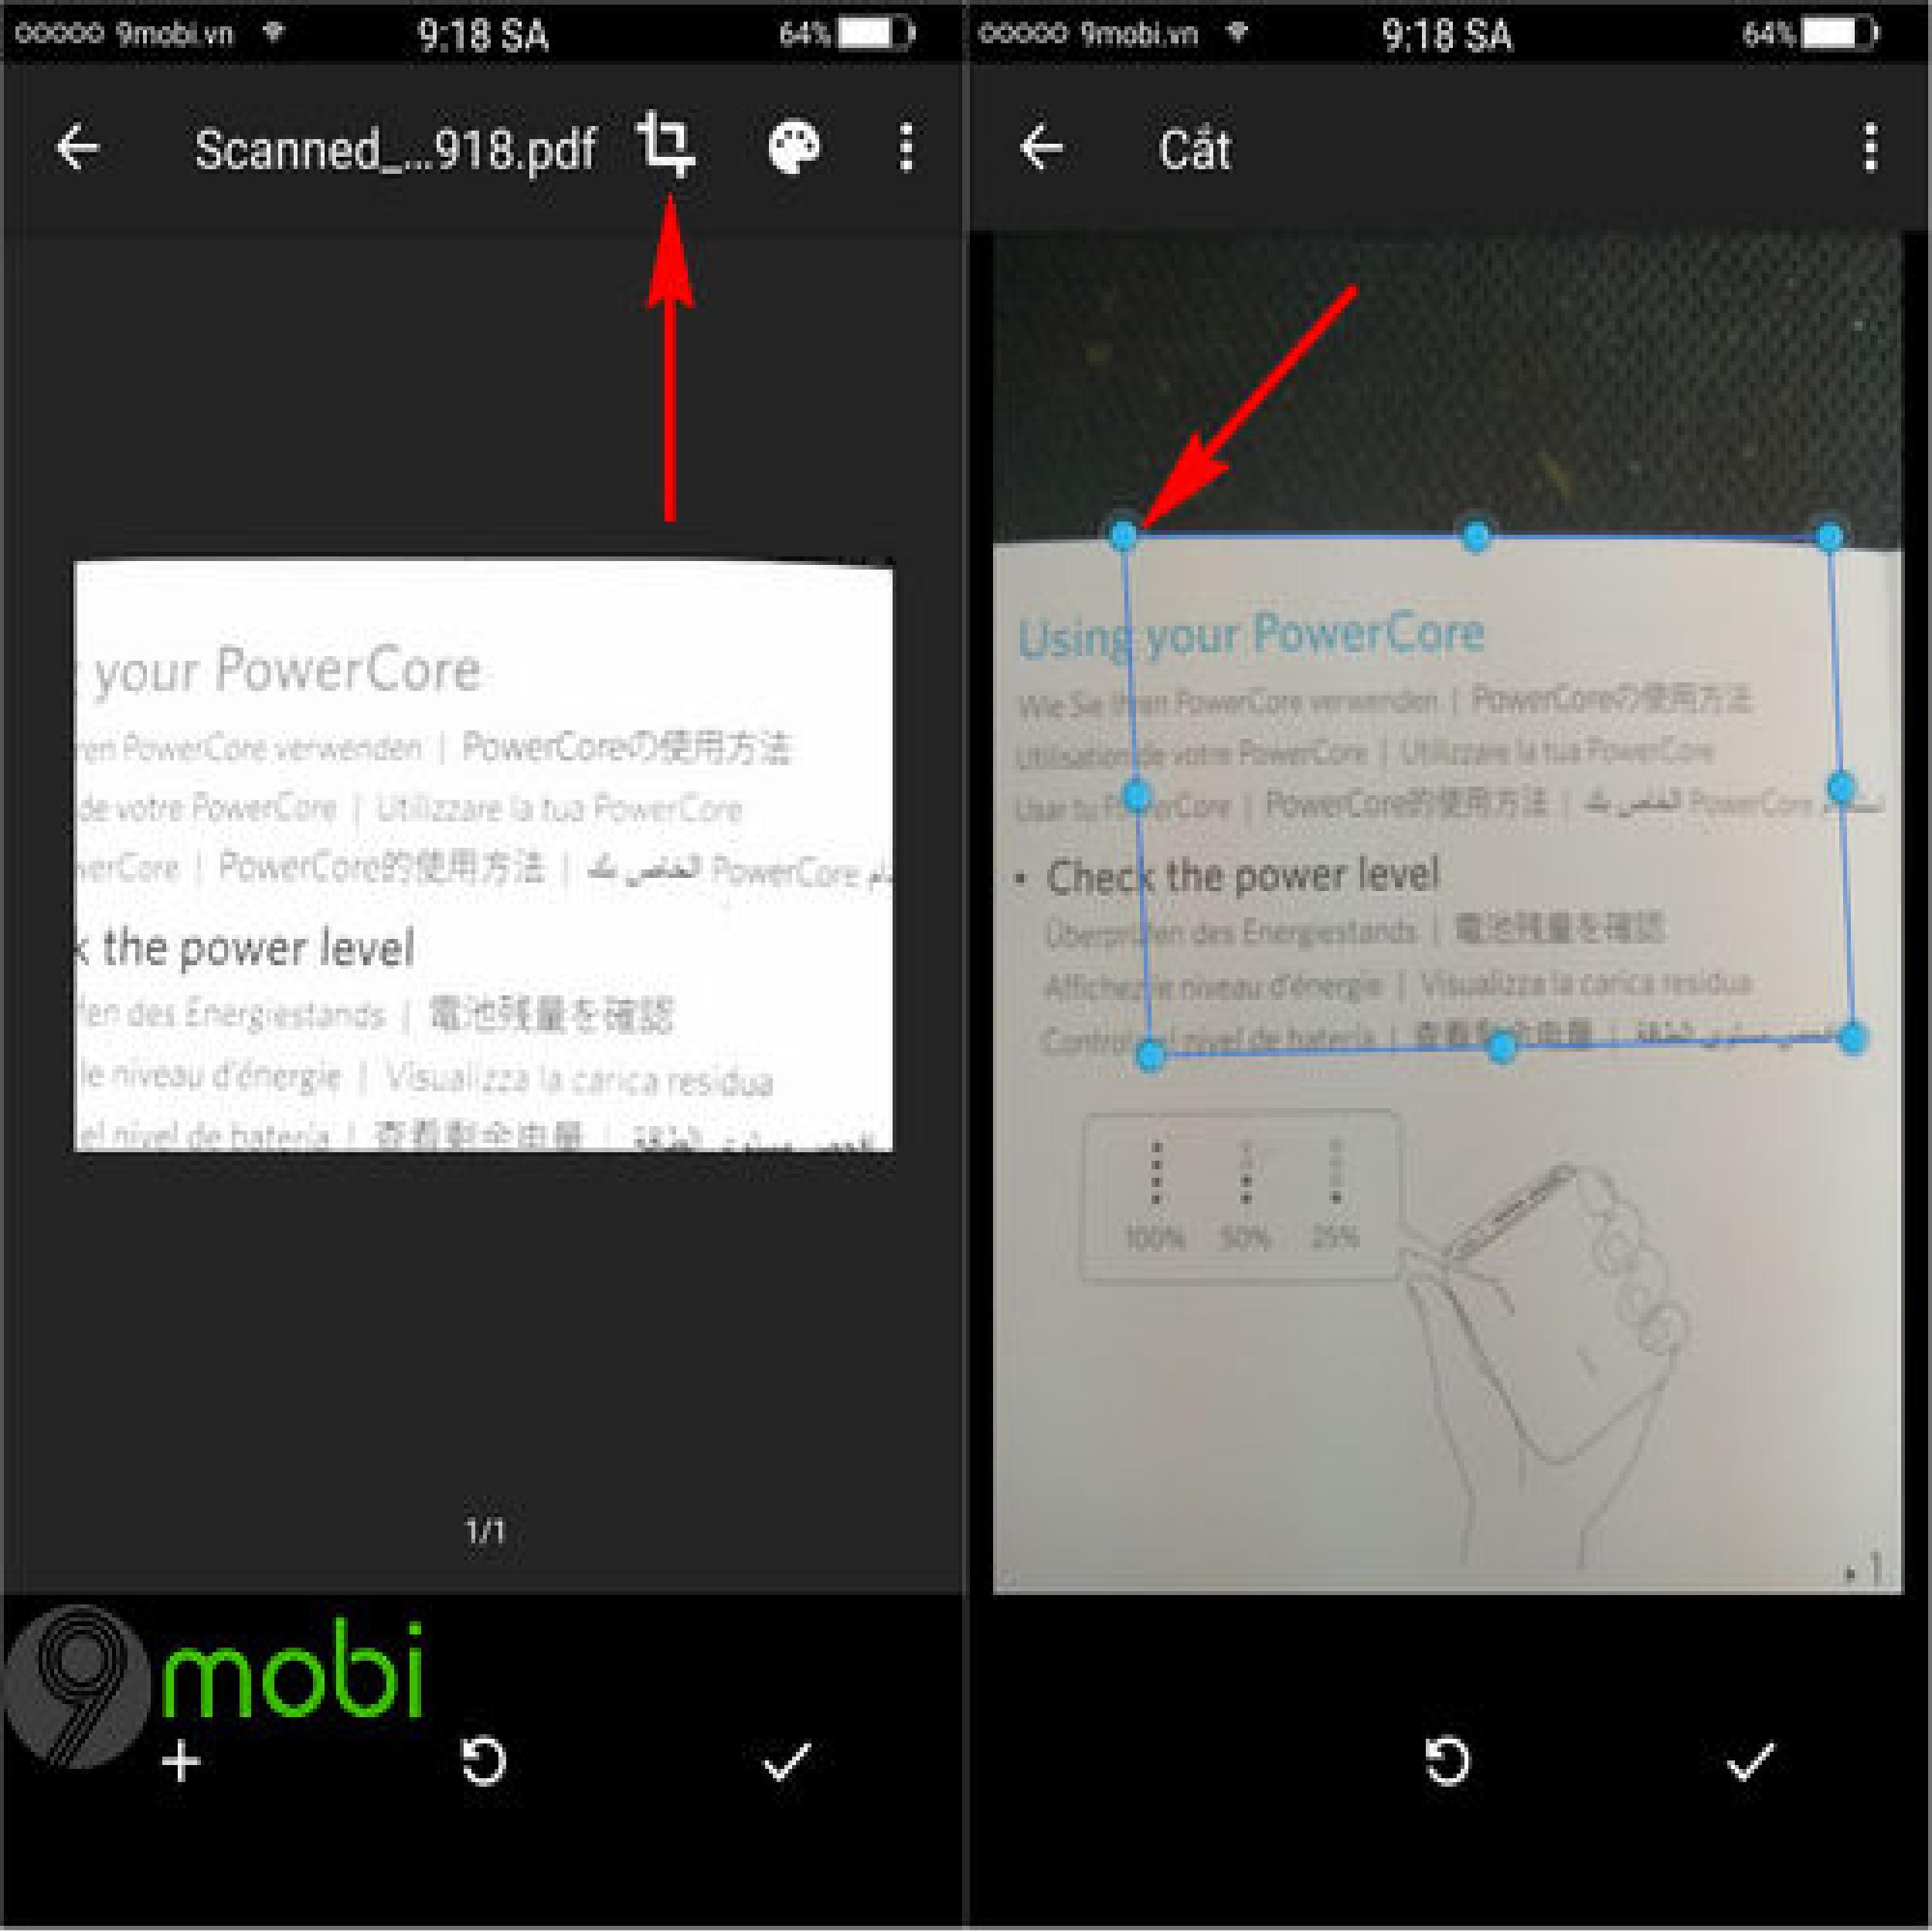 Cách scan ảnh bằng điện thoại Iphone